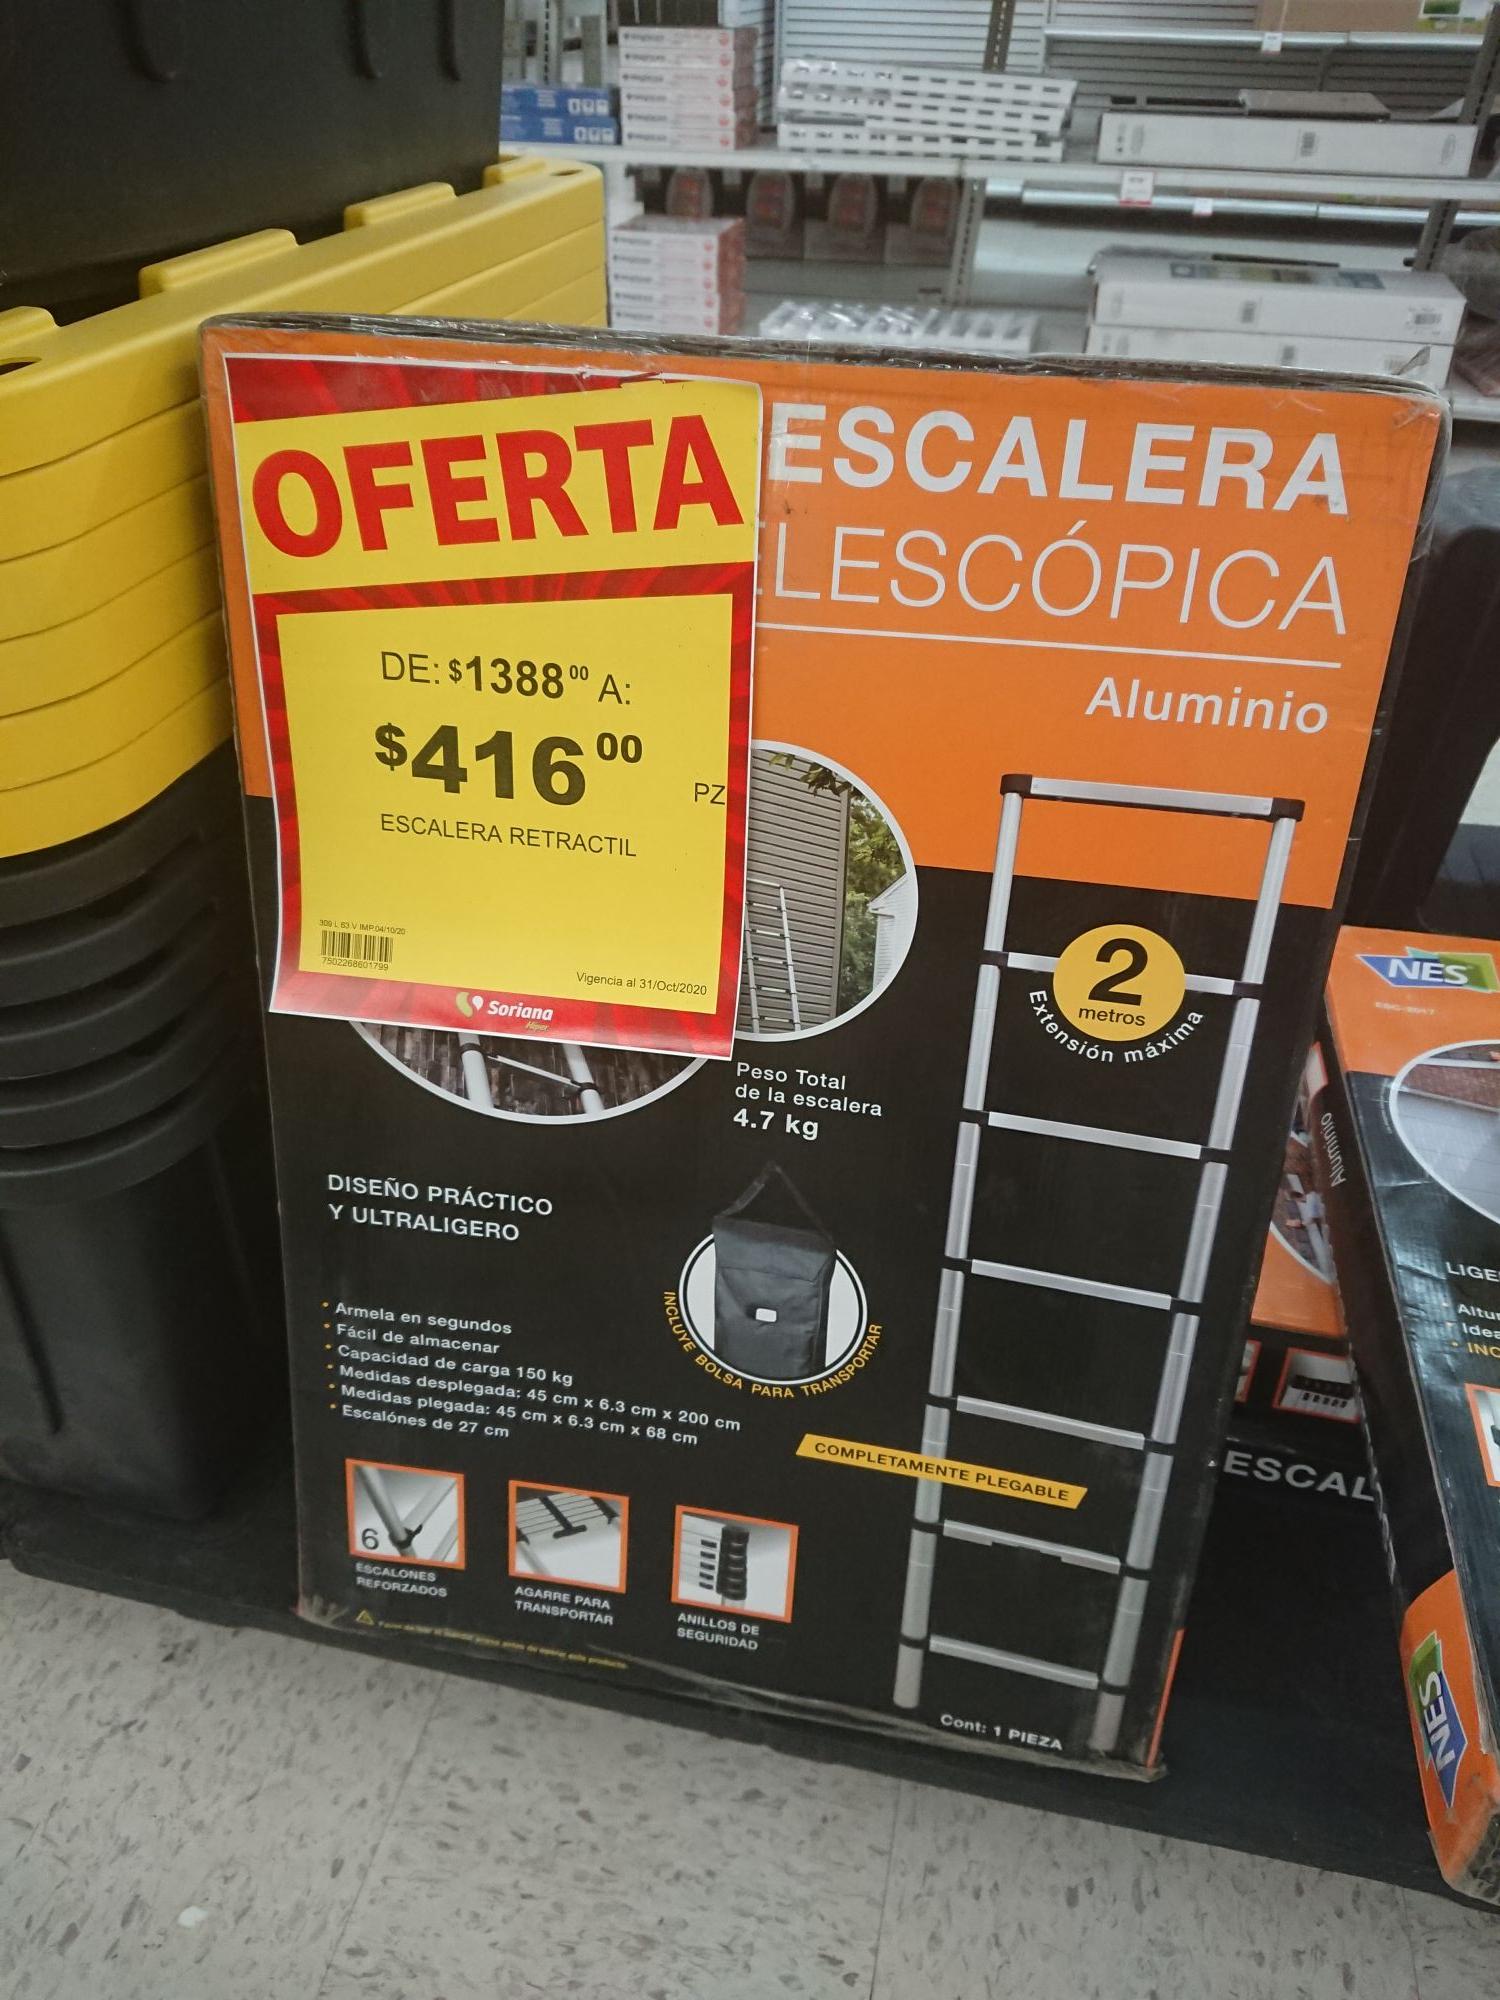 Soriana: Escalera telescopica 2m. Con funda